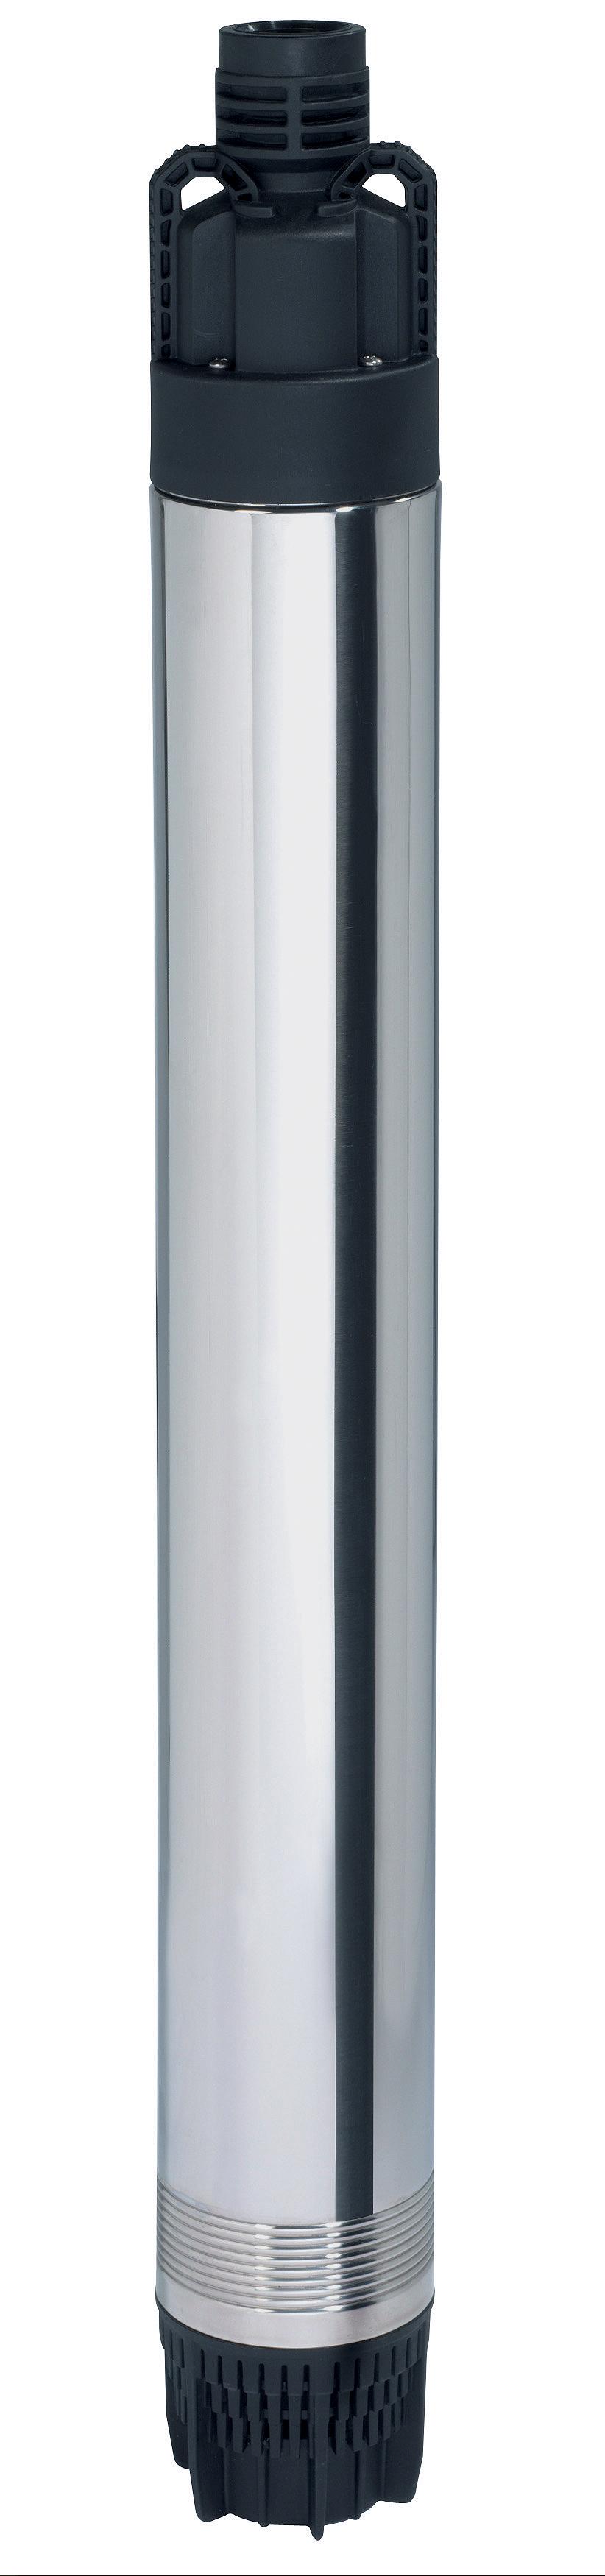 Скважинный насос Metabo Tbp 5000 m (250500050) насос скважинный prorab 8799bp 65